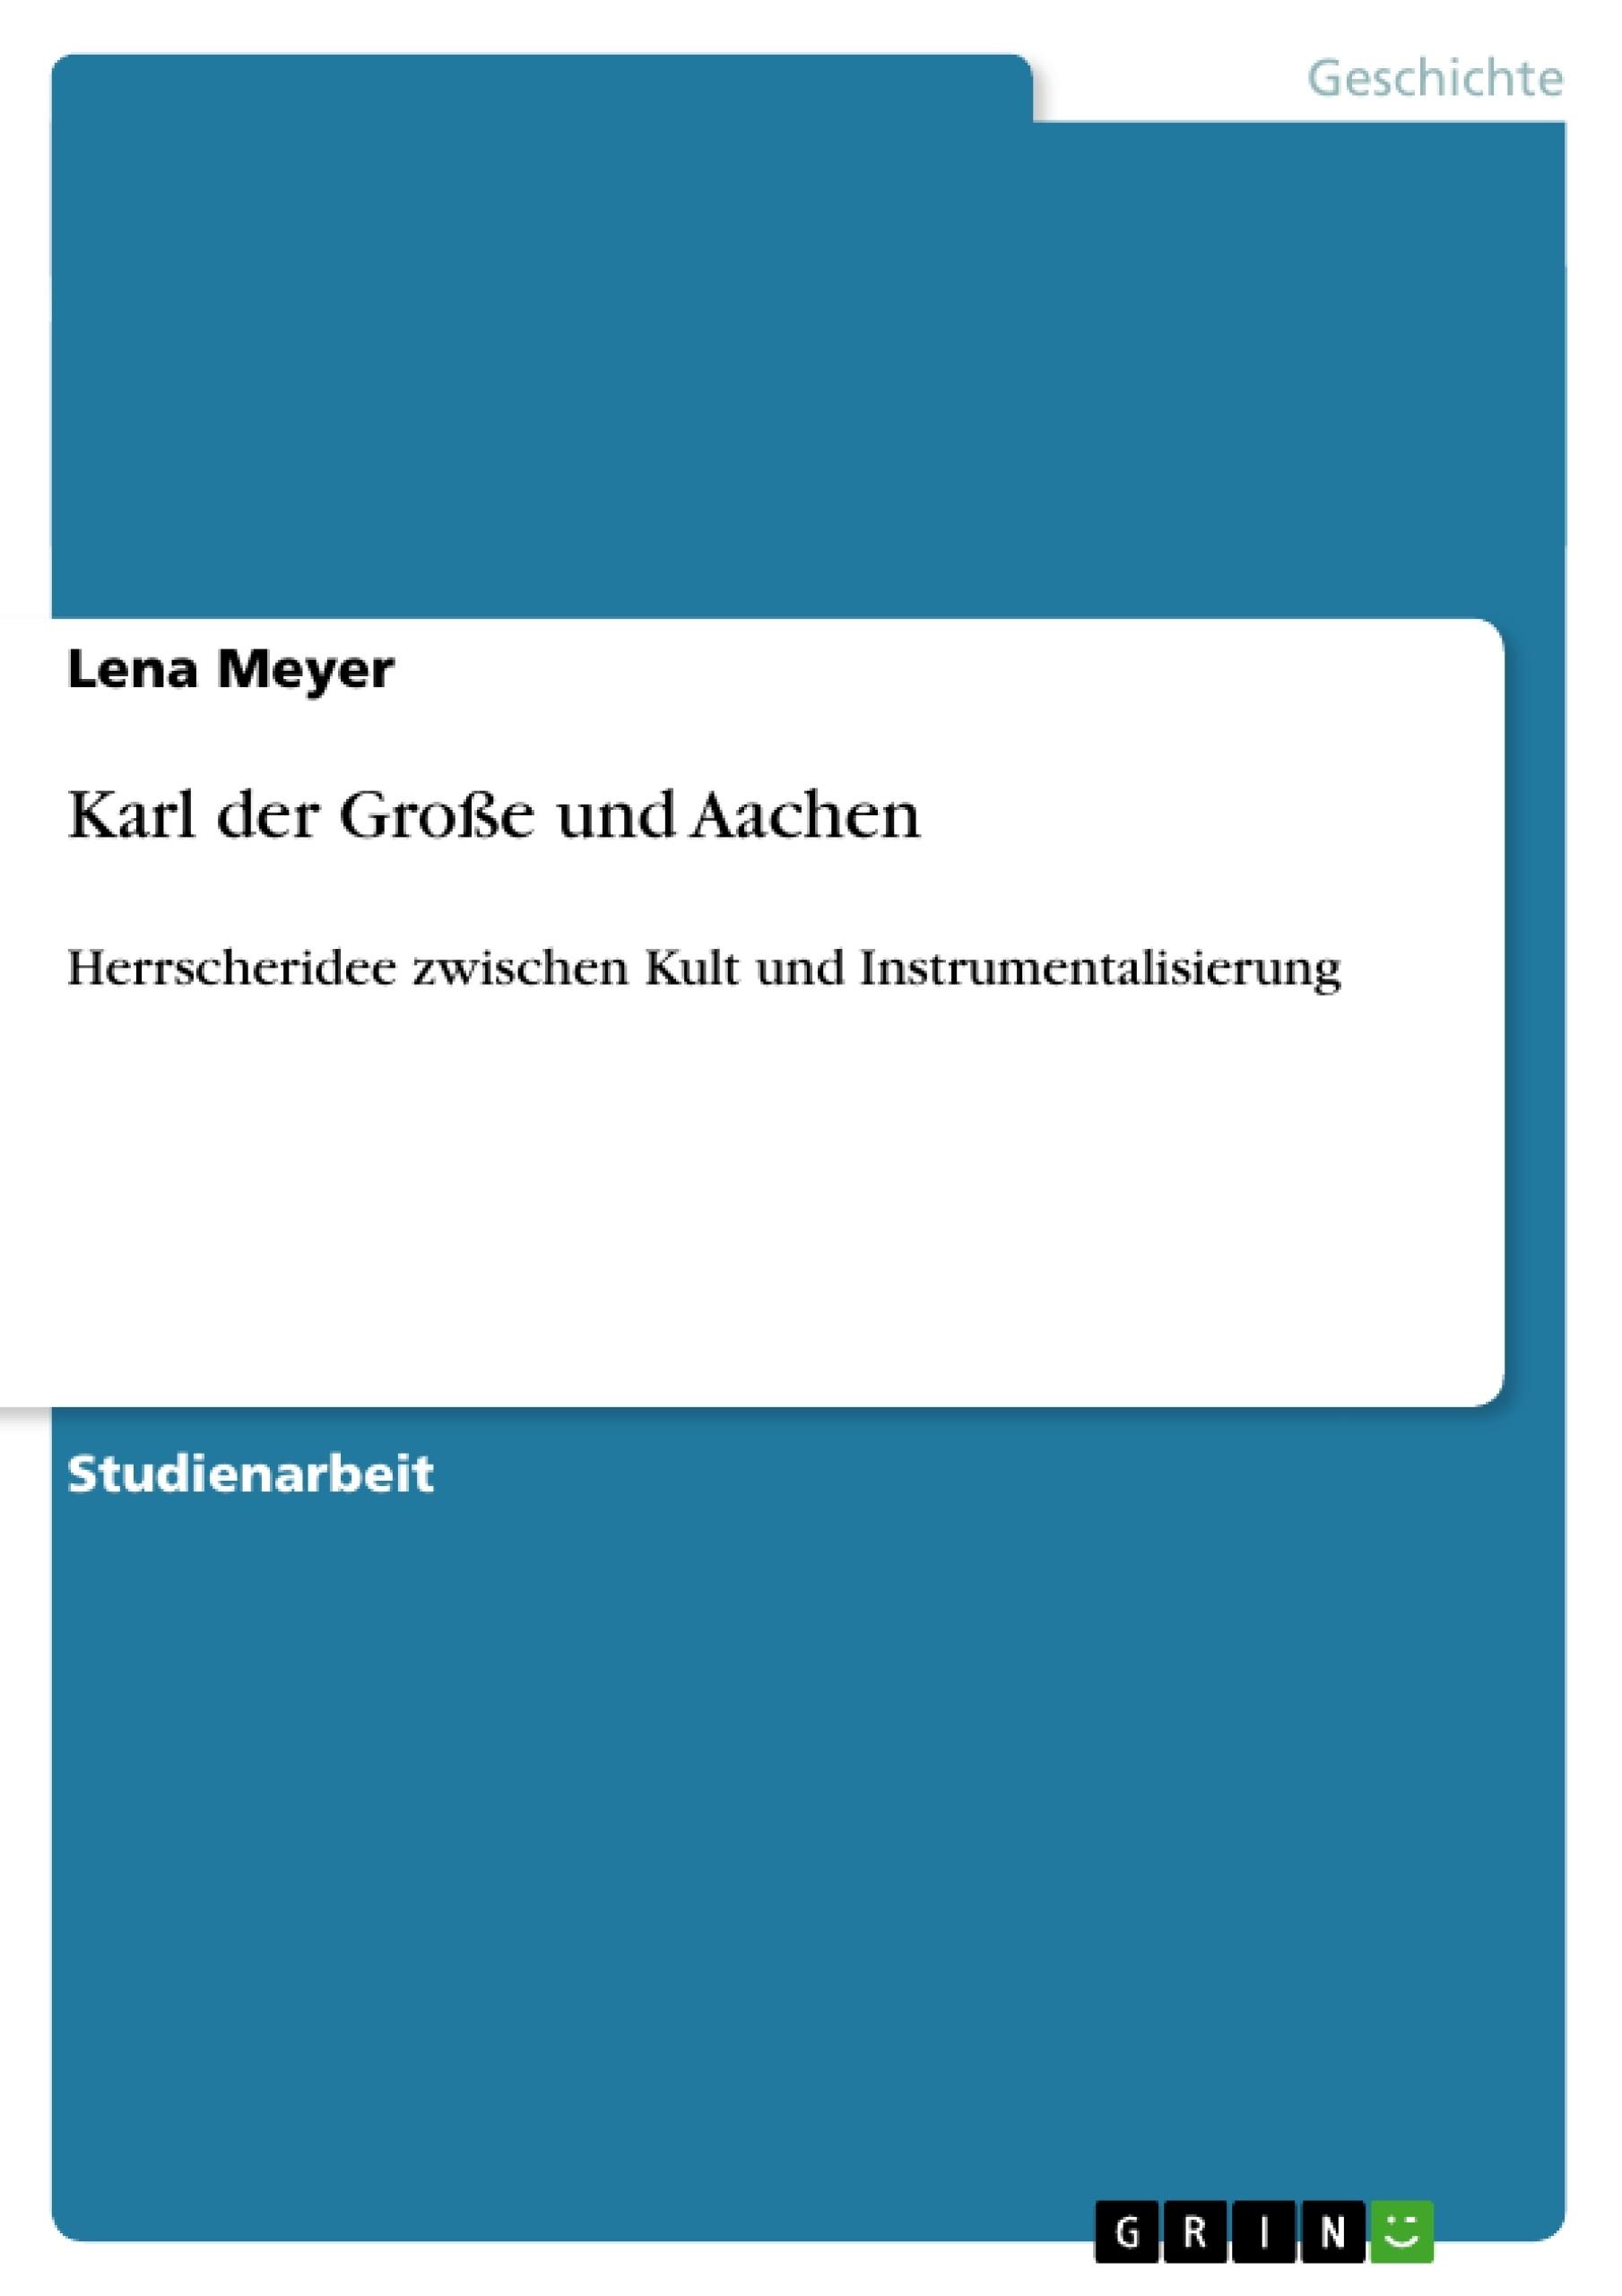 Titel: Karl der Große und Aachen